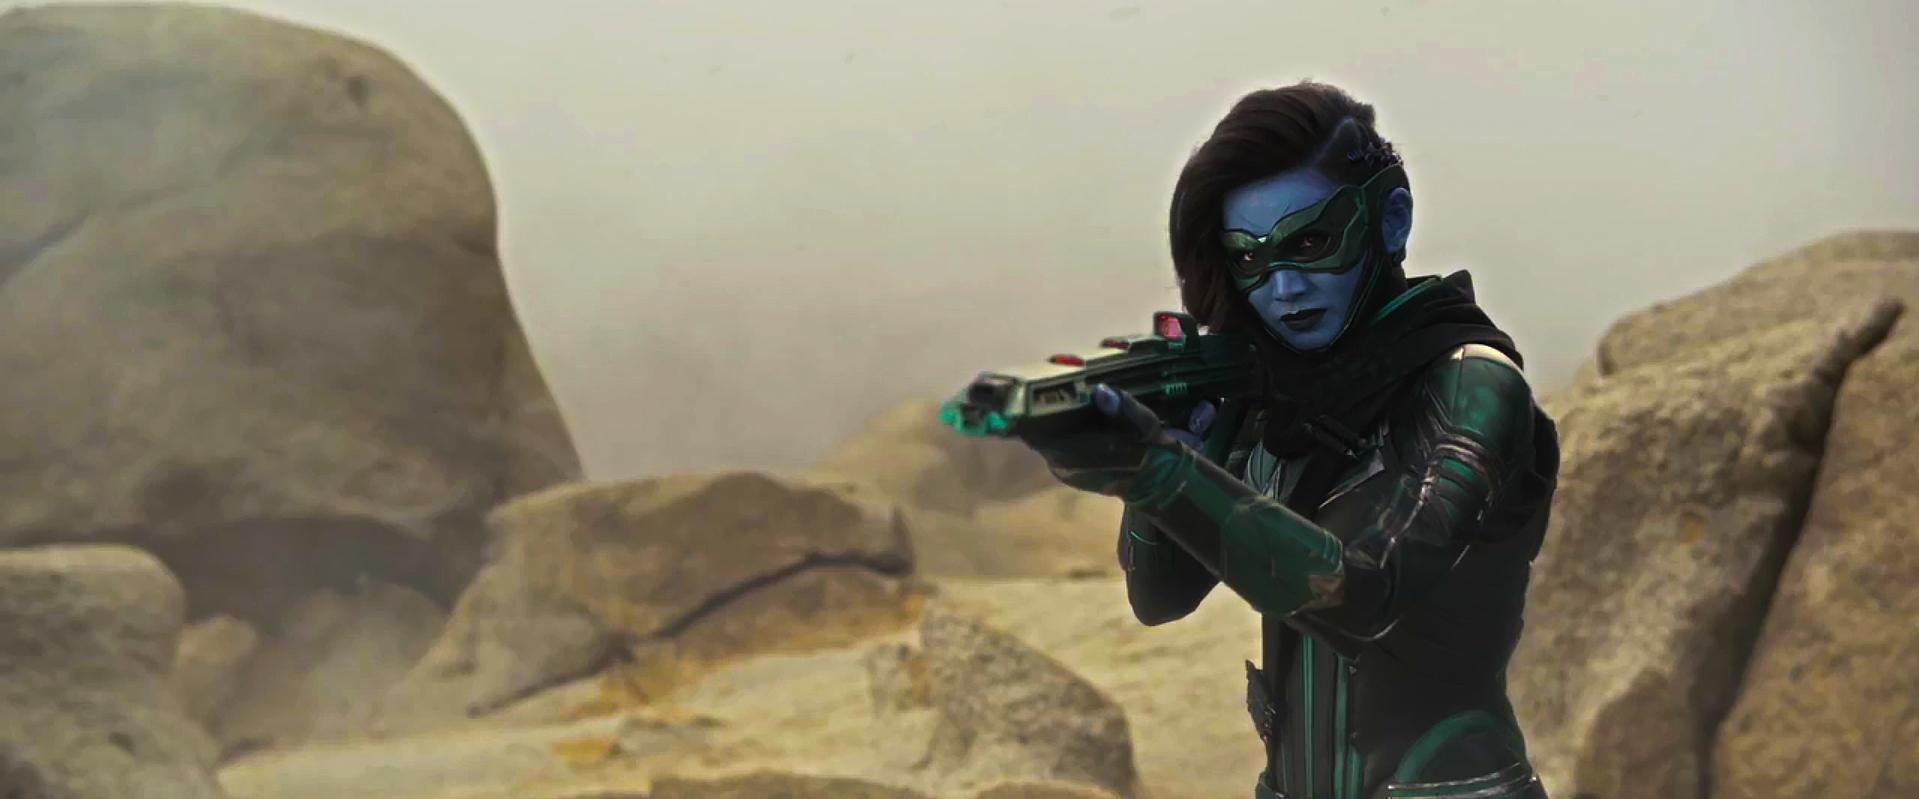 Kree Sniper Rifle